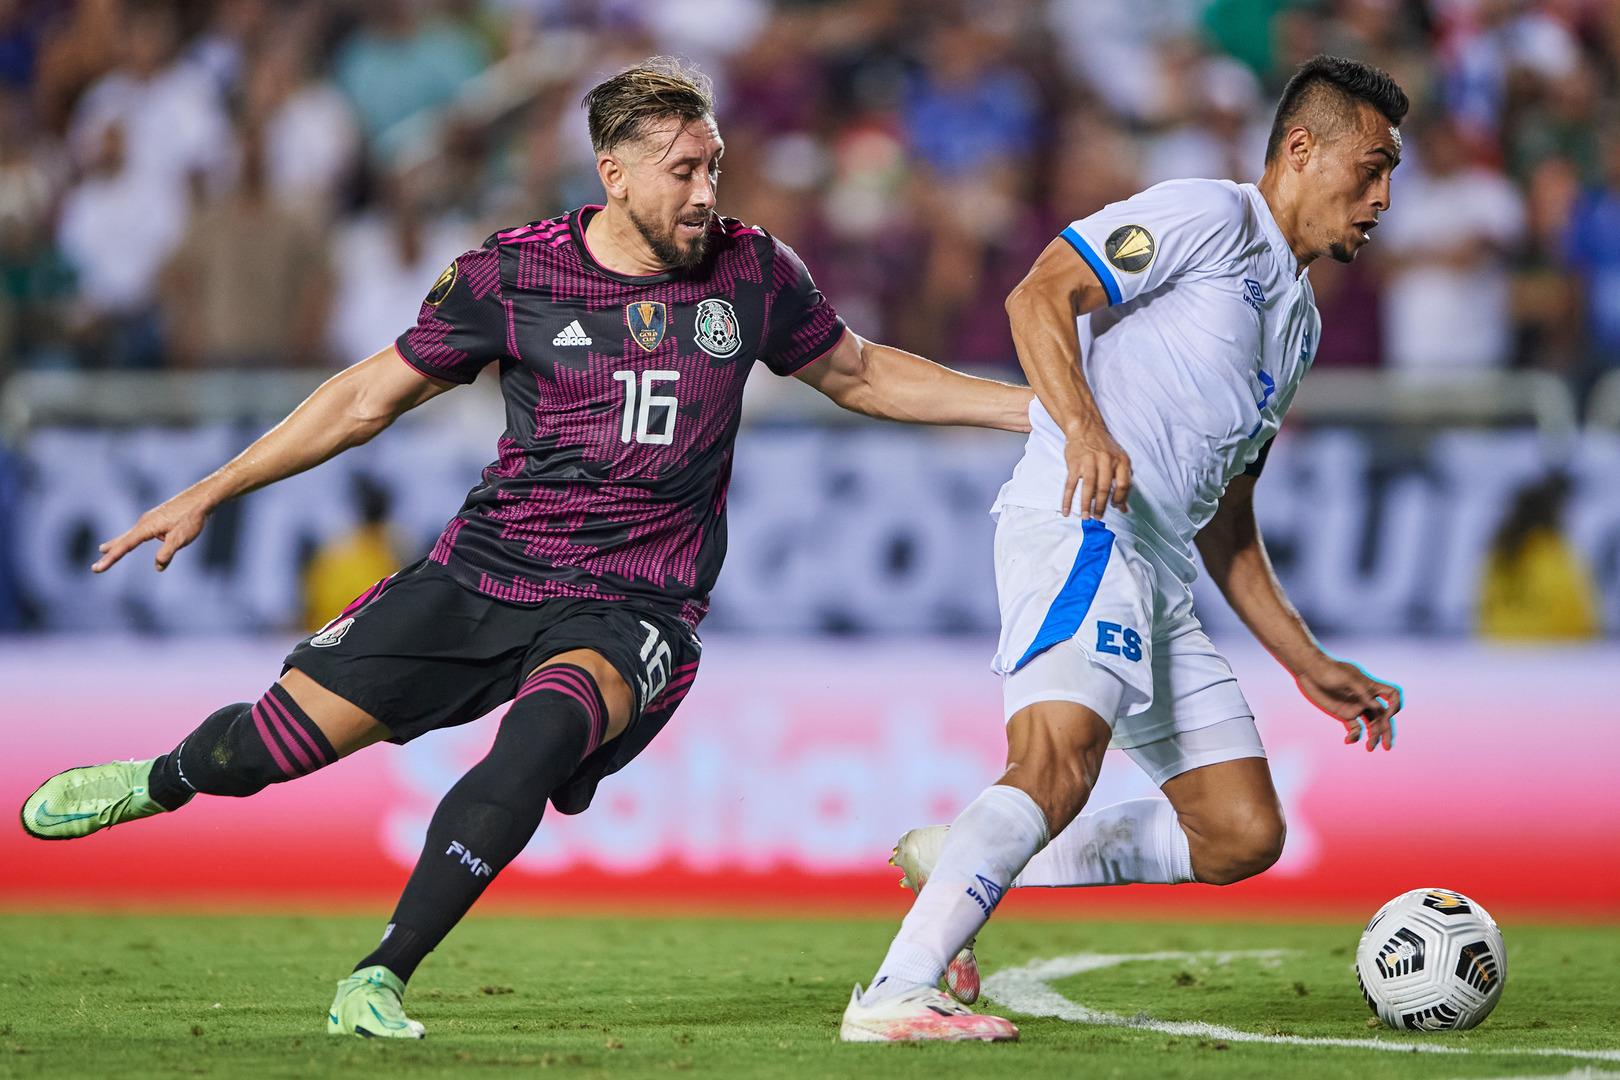 El Salvador vs Mexico